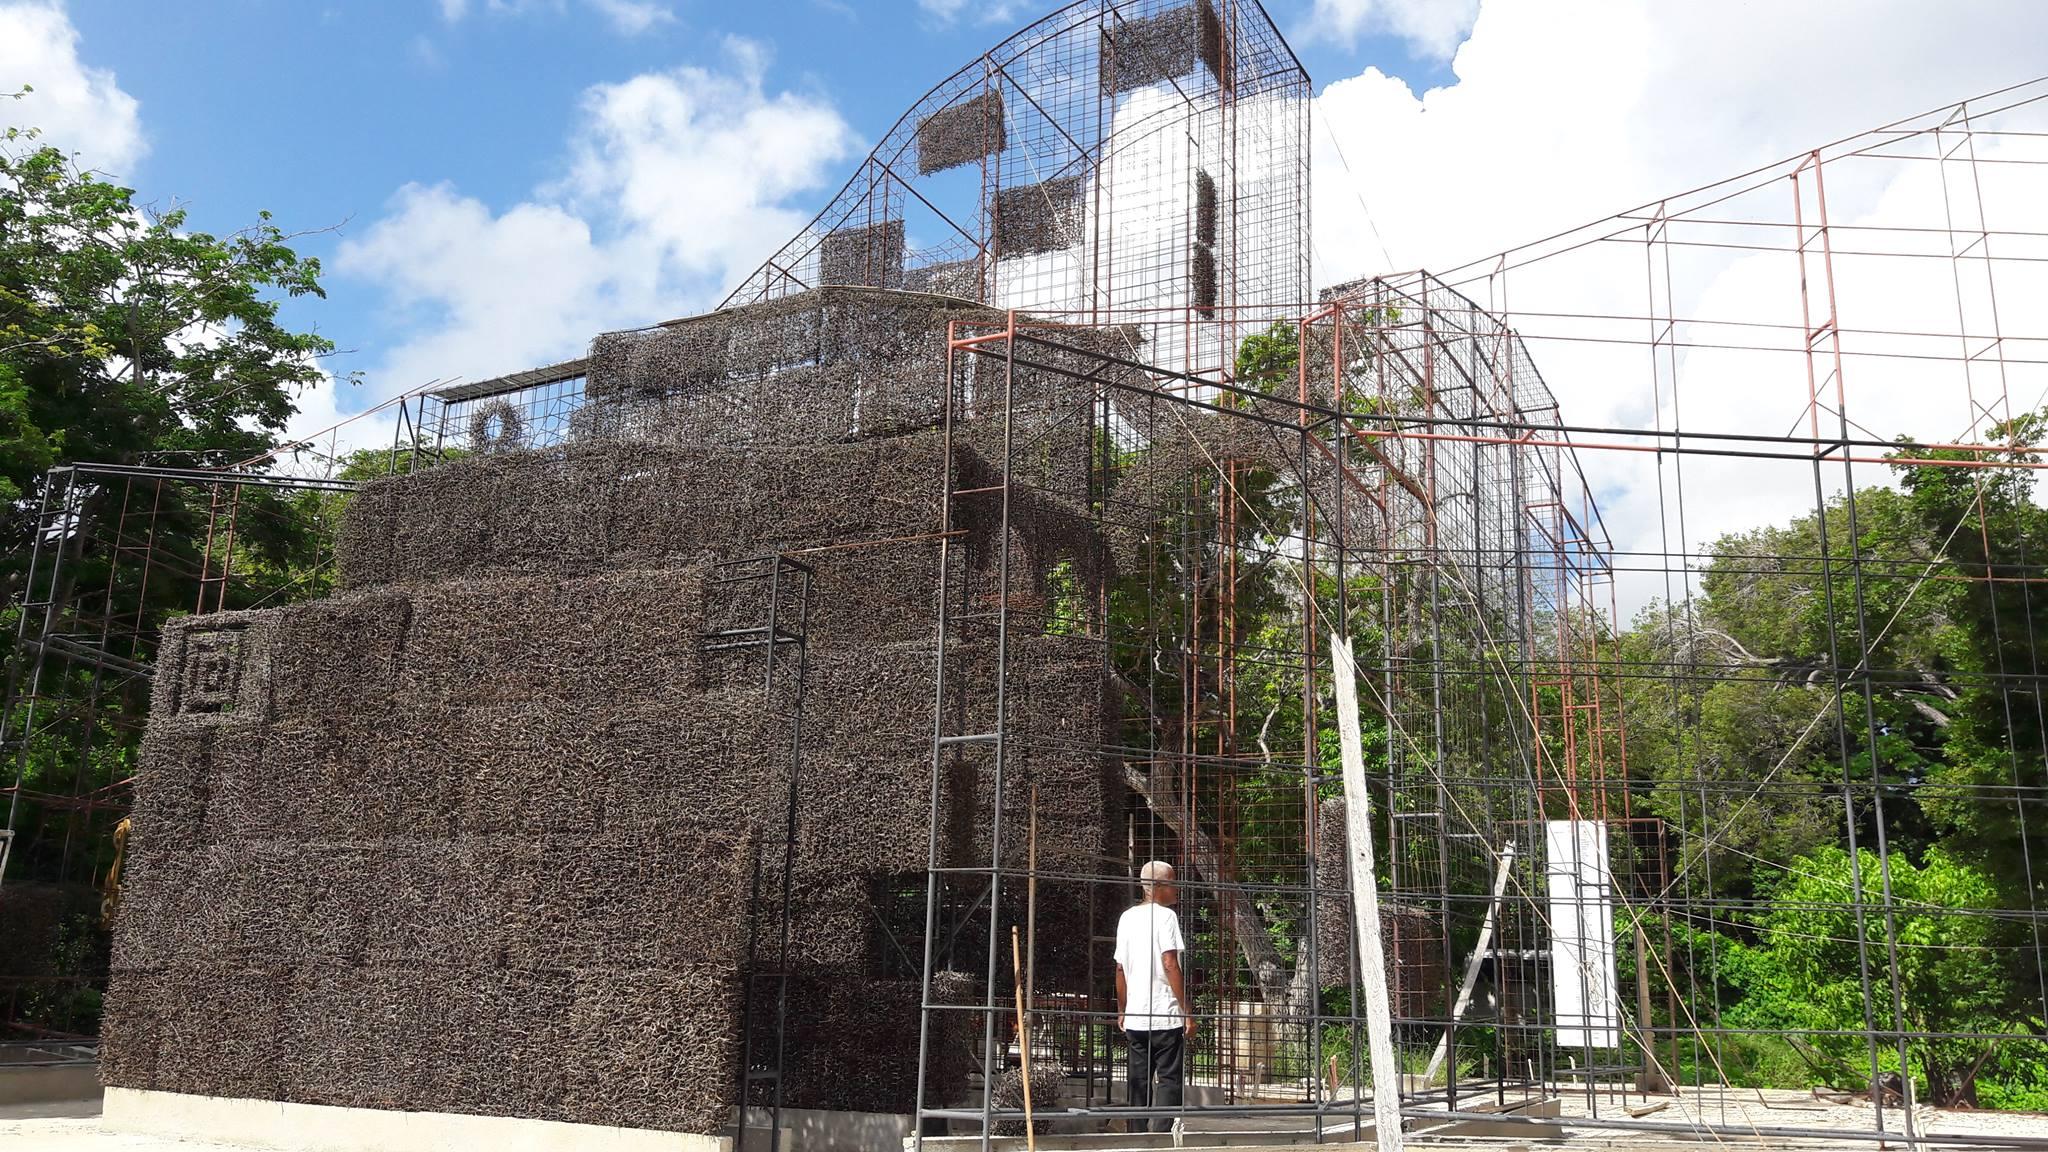 Kathedraal van Doornen in aanbouw